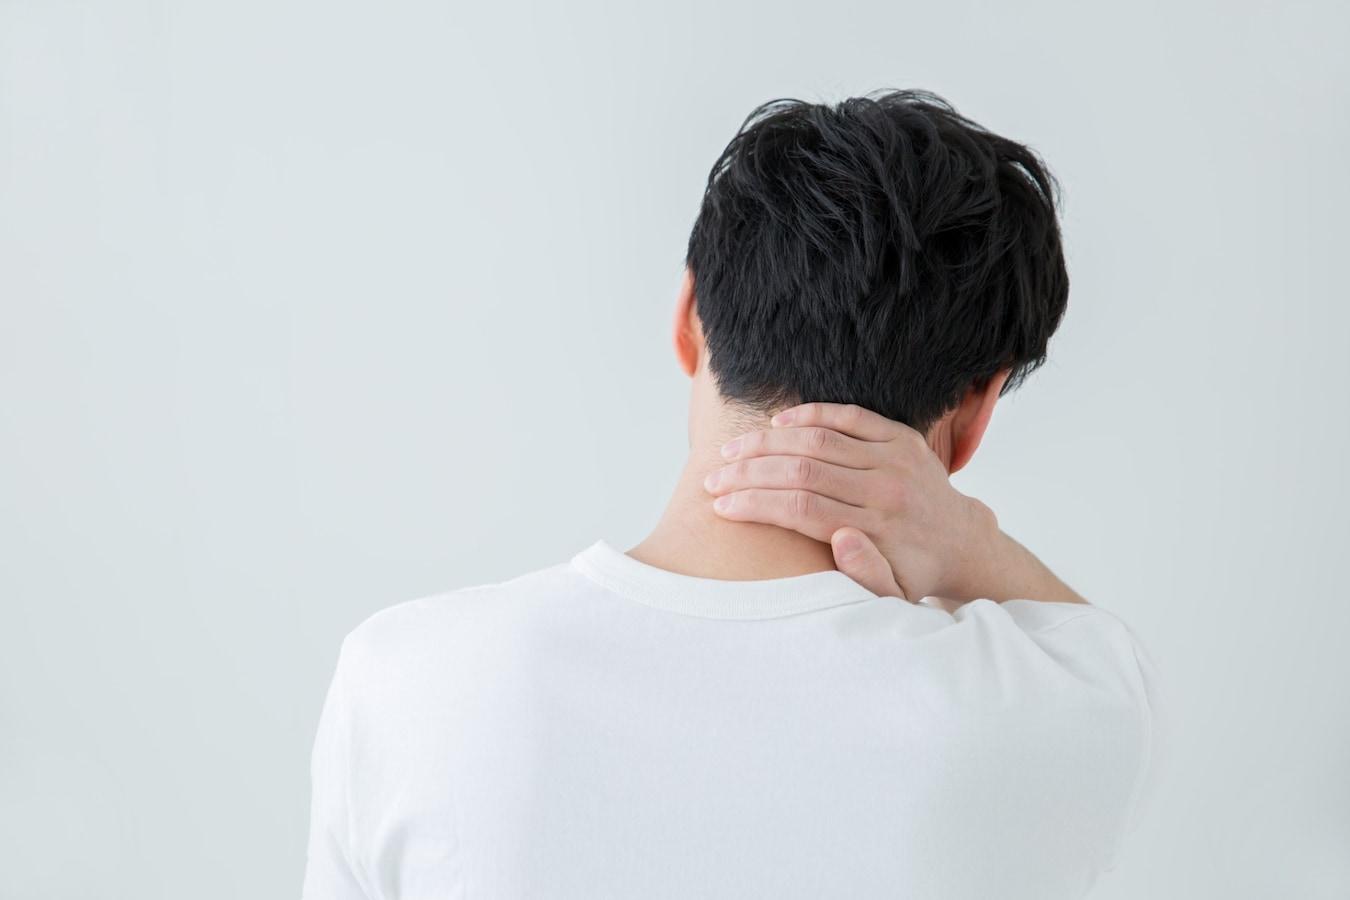 こり うなじ 首 首に違和感が!考えられる原因、病気は?吐き気やめまいがある場合は?